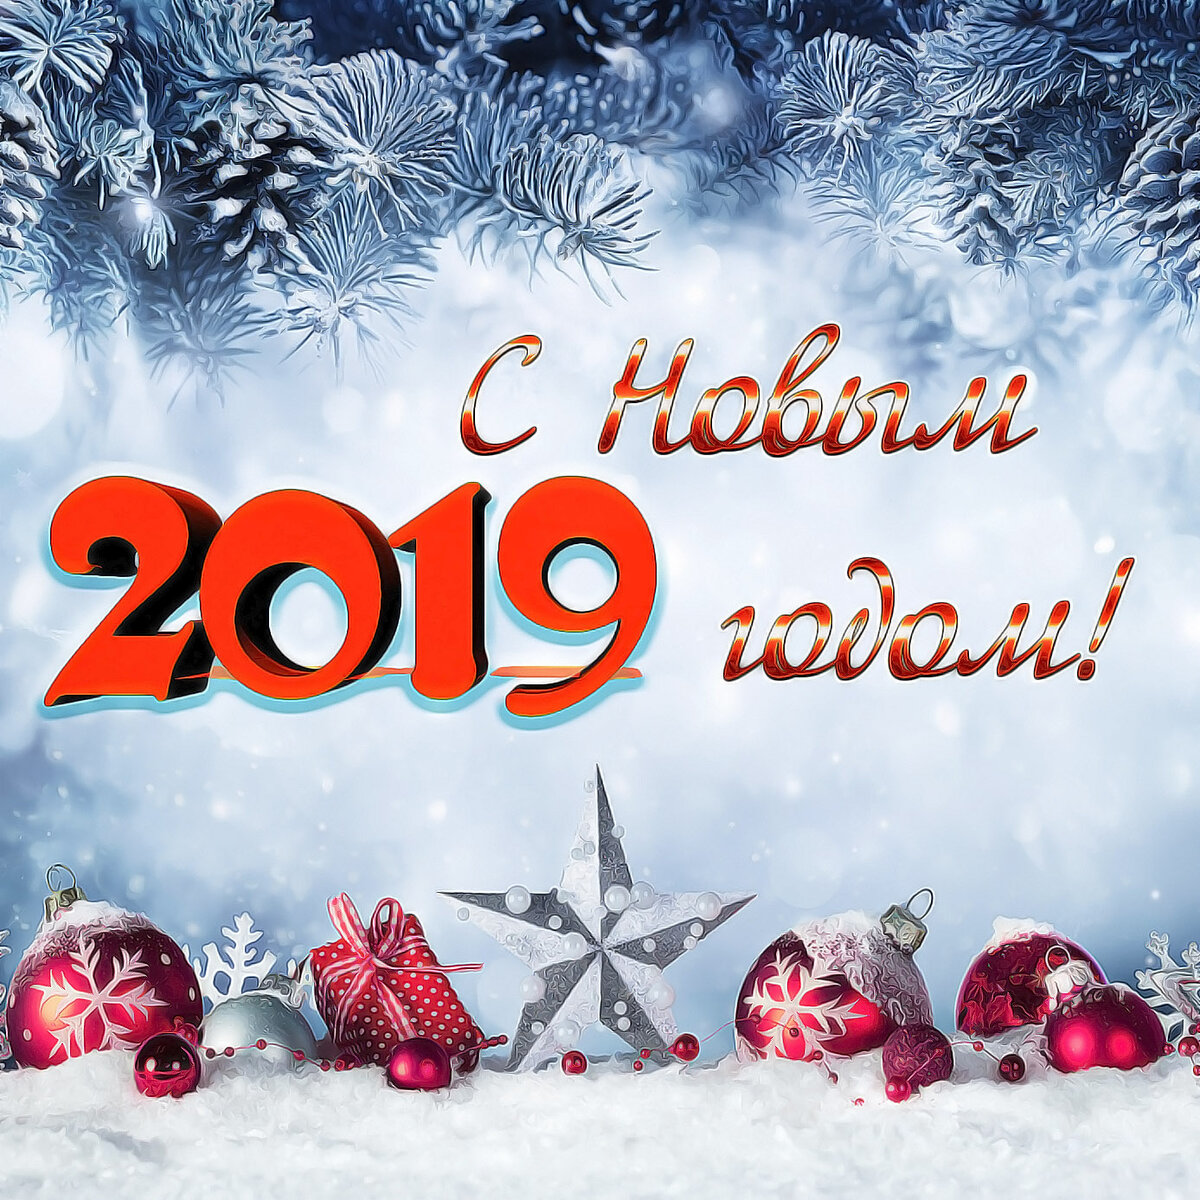 Новогодняя картинка с надписью с новым годом 2019